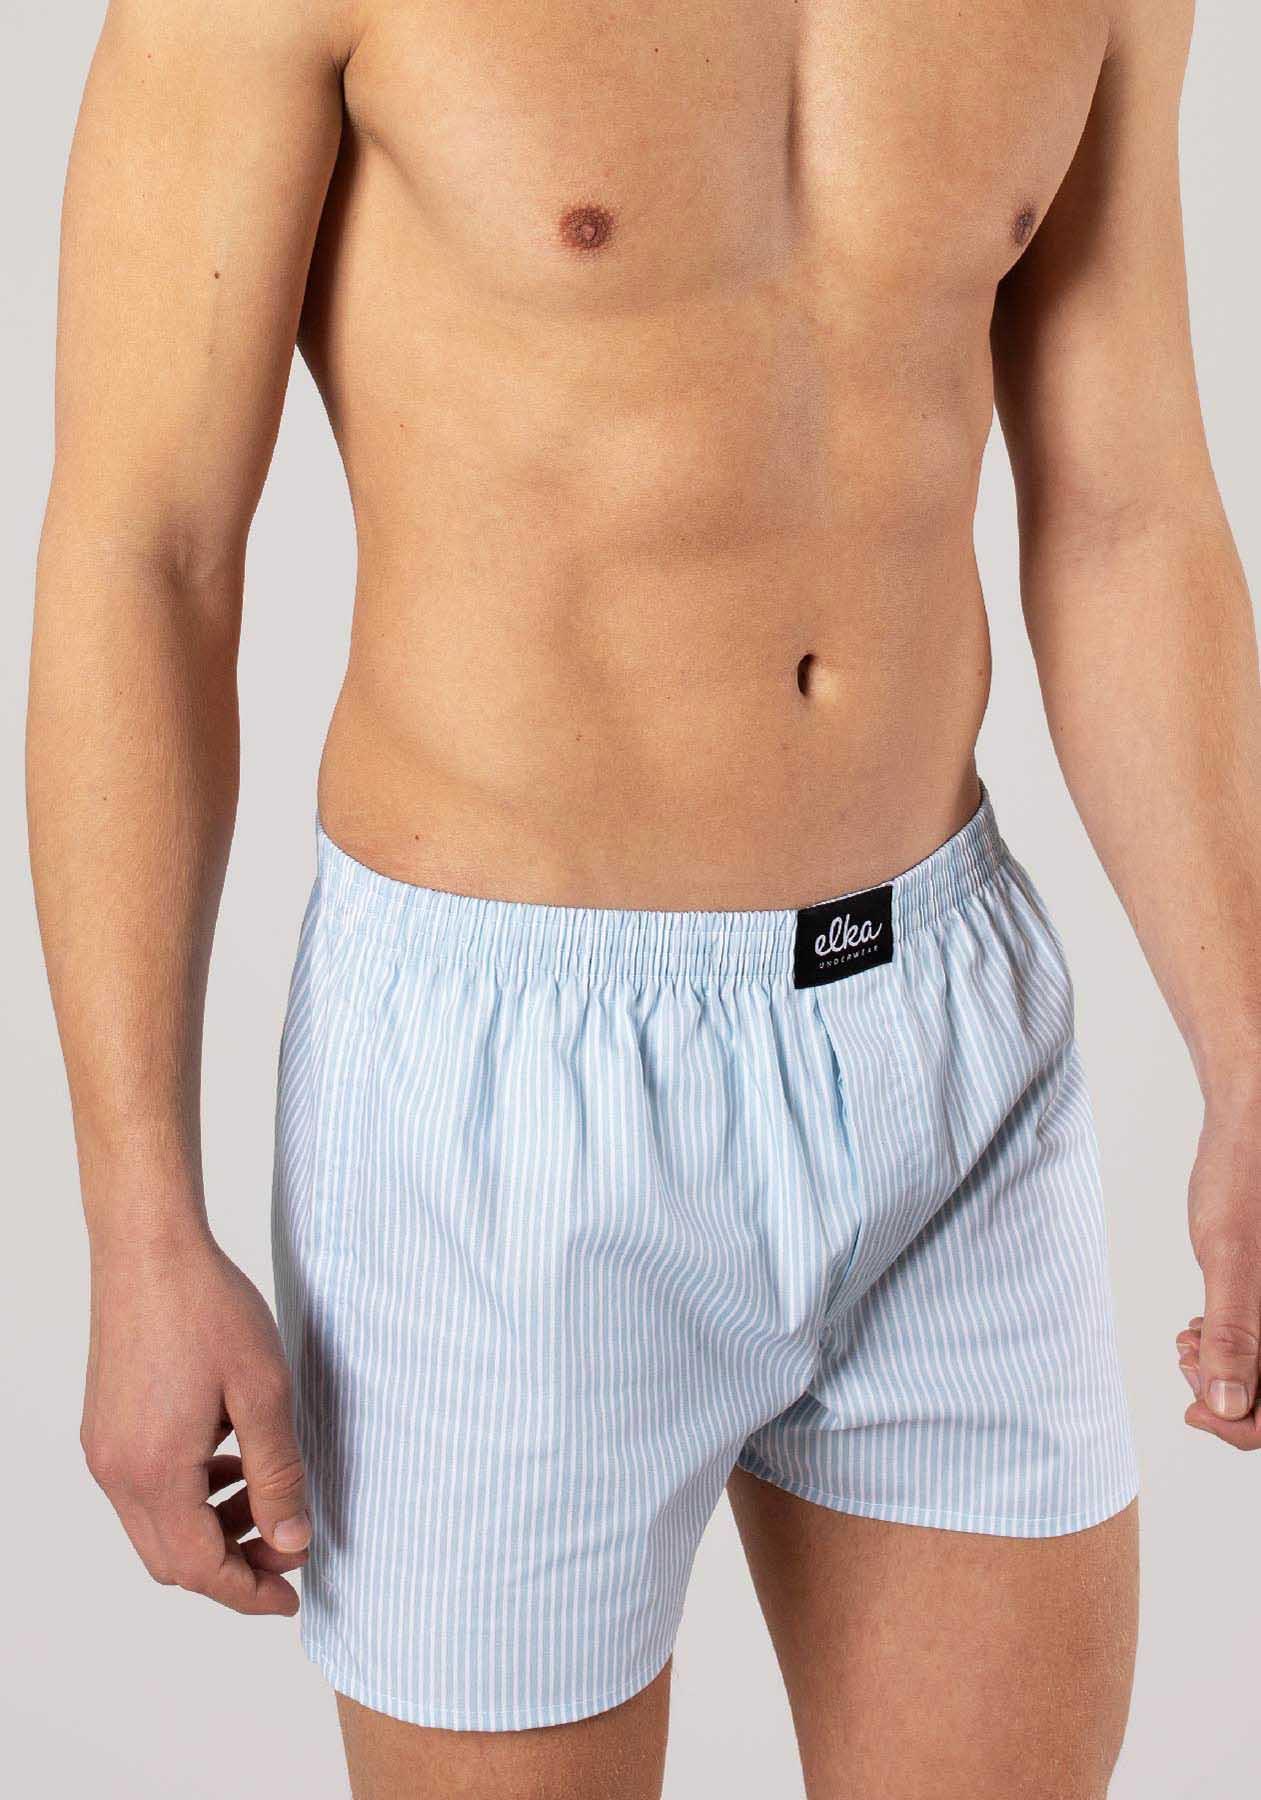 Men-Boxershorts-ELKA-Lounge-M00243